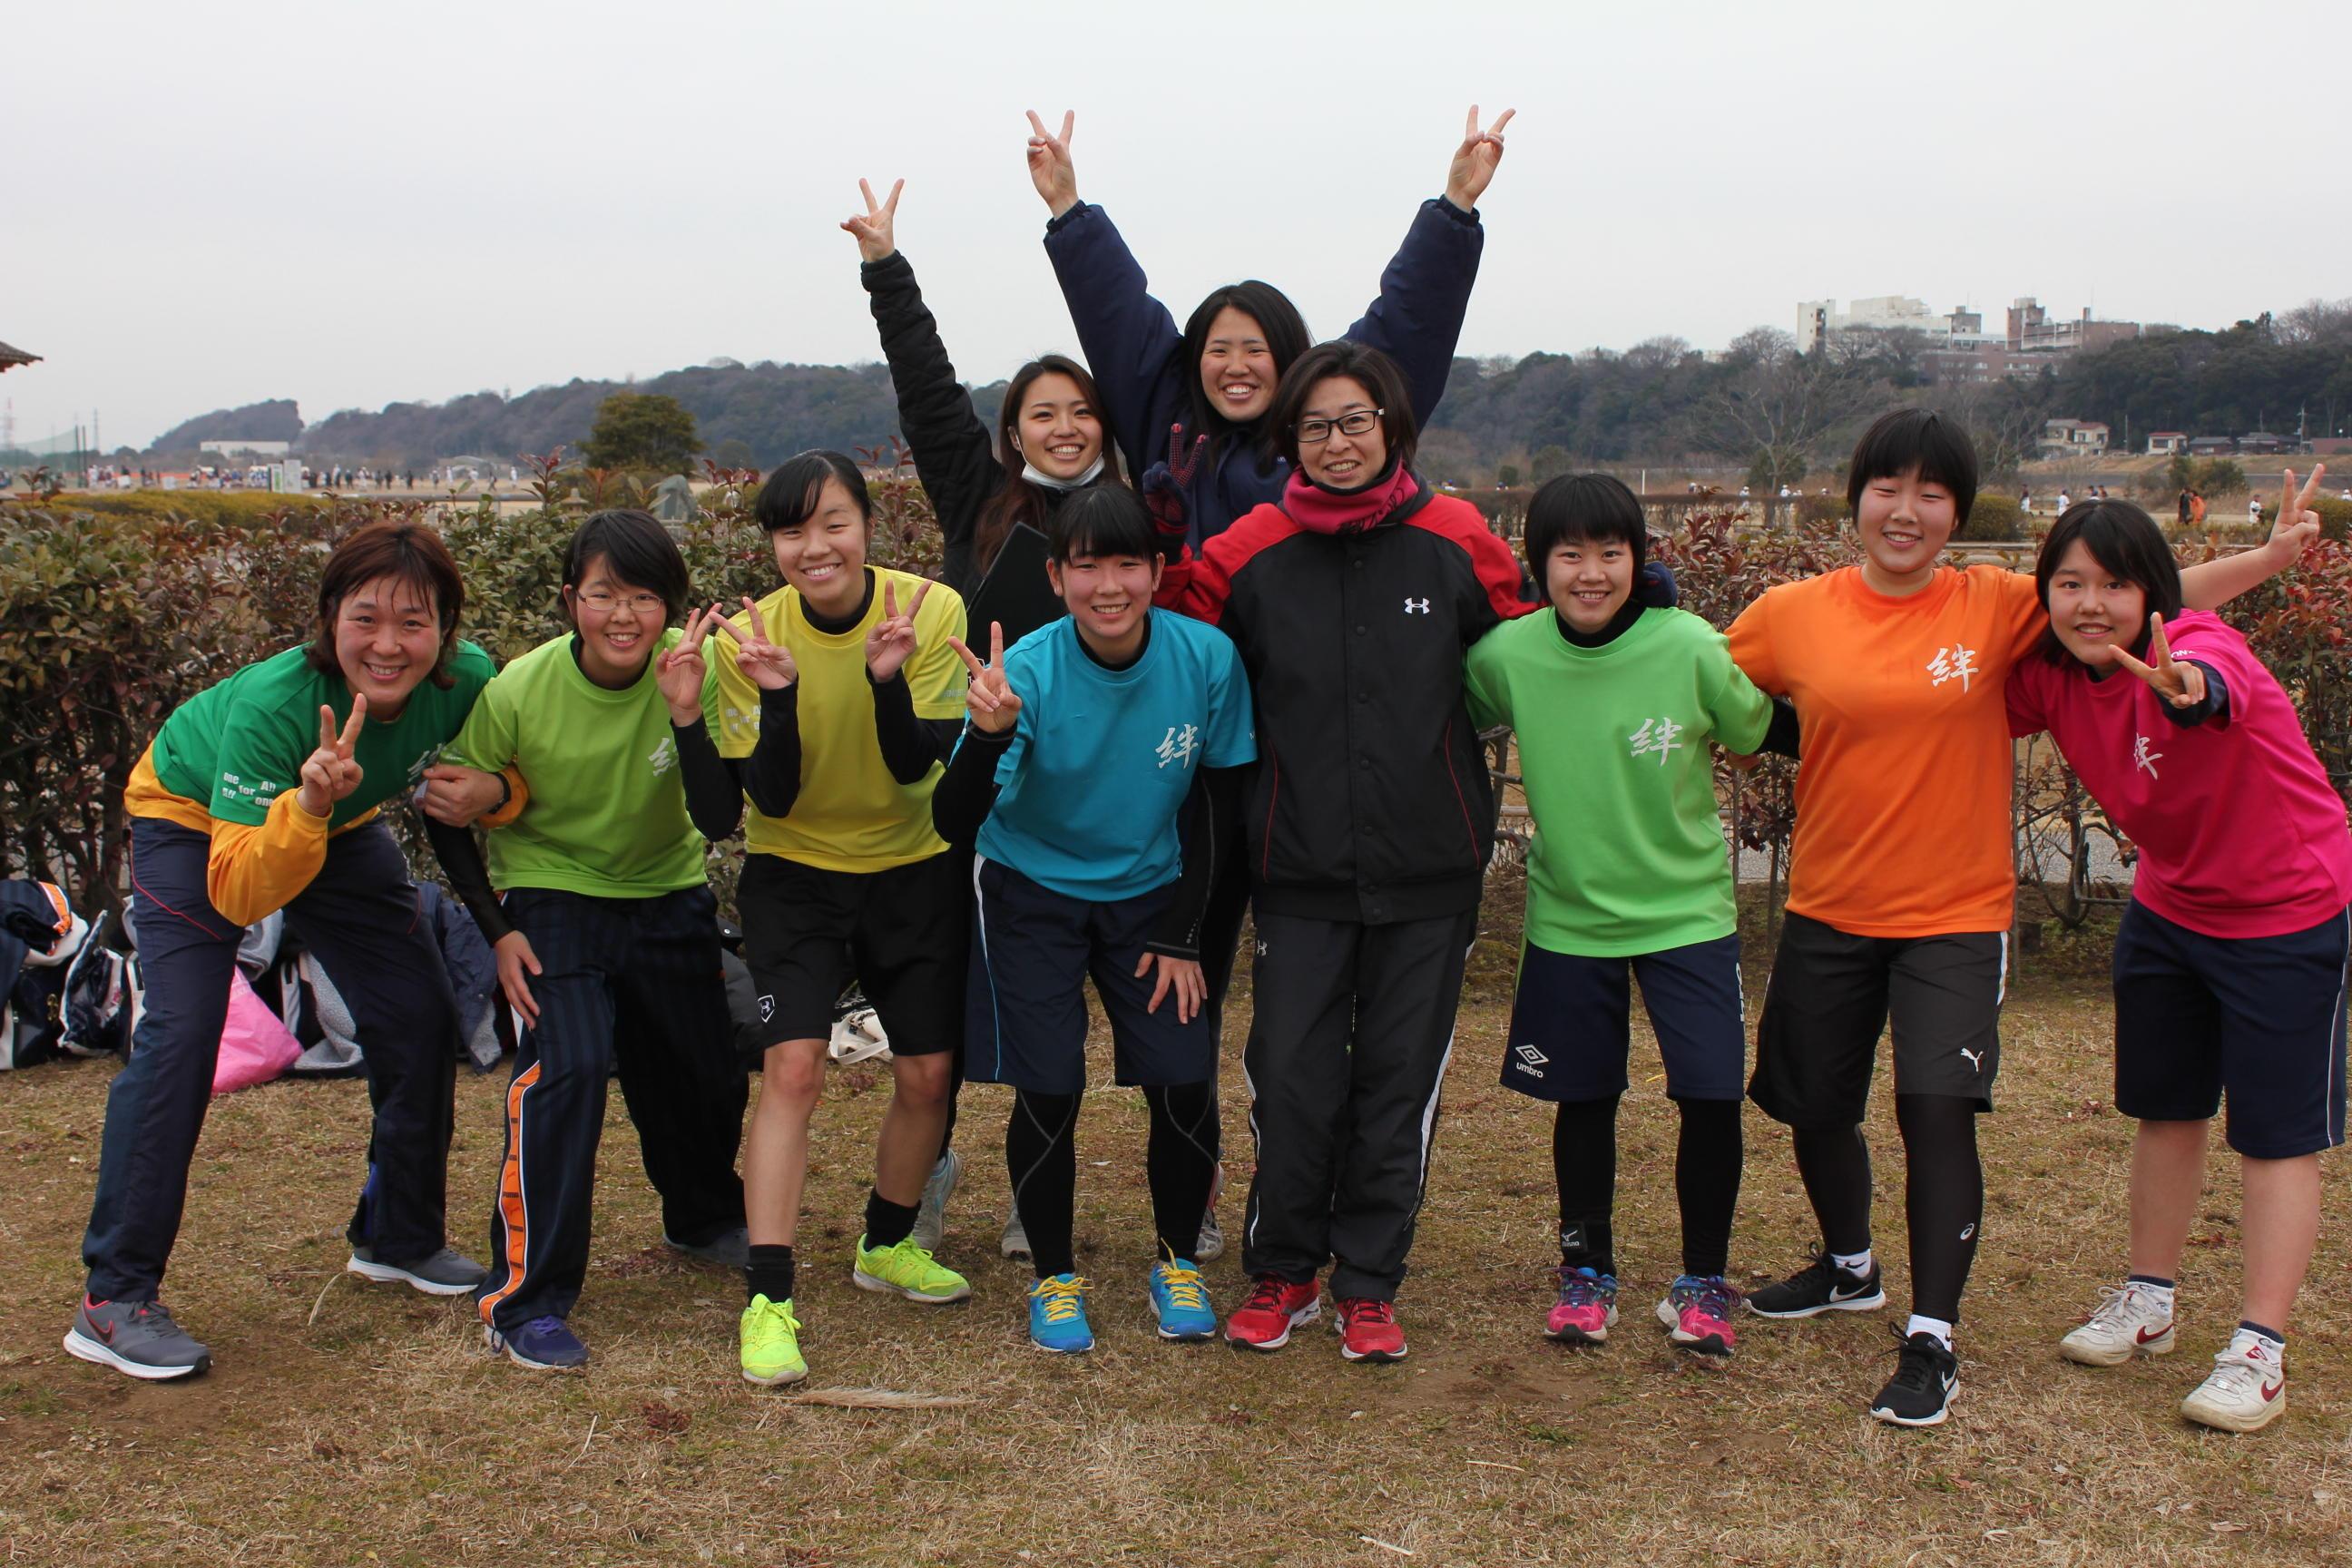 softball2017yoshikawa8.JPG